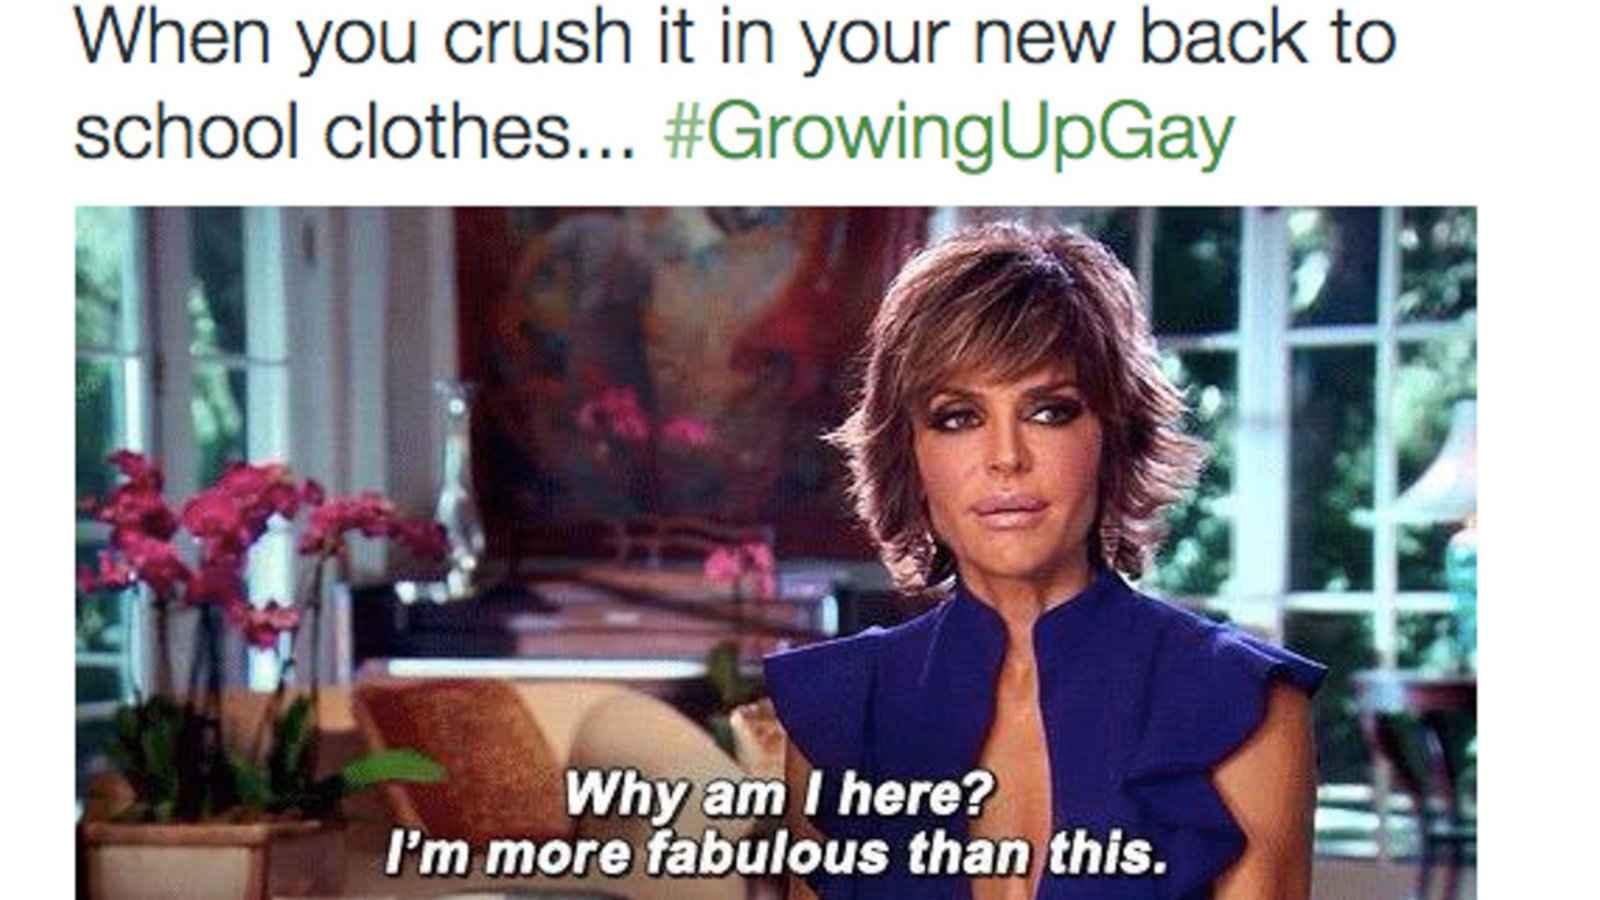 Para mais dos melhores memes gays, verifique a hashtag gay de crescimento no Twitter